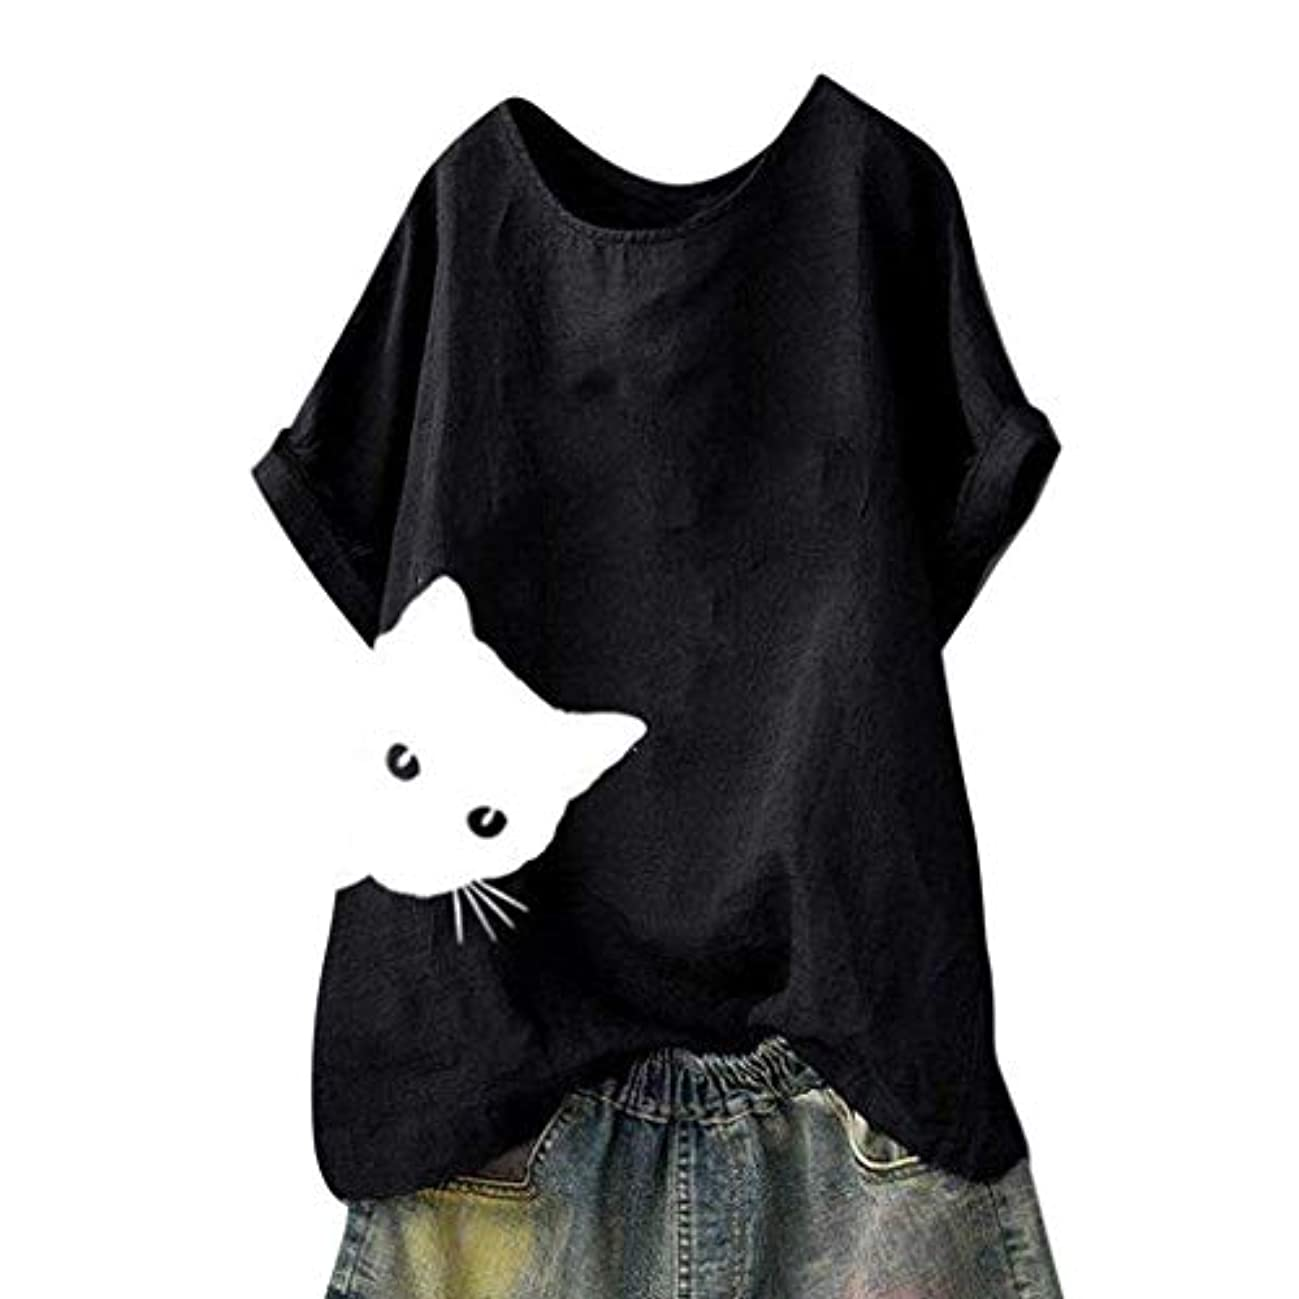 トランザクションプログラムクレデンシャルメンズ Tシャツ 可愛い ねこ柄 白t ストライプ模様 春夏秋 若者 気質 おしゃれ 夏服 多選択 猫模様 カジュアル 半袖 面白い 動物 ゆったり シンプル トップス 通勤 旅行 アウトドア tシャツ 人気